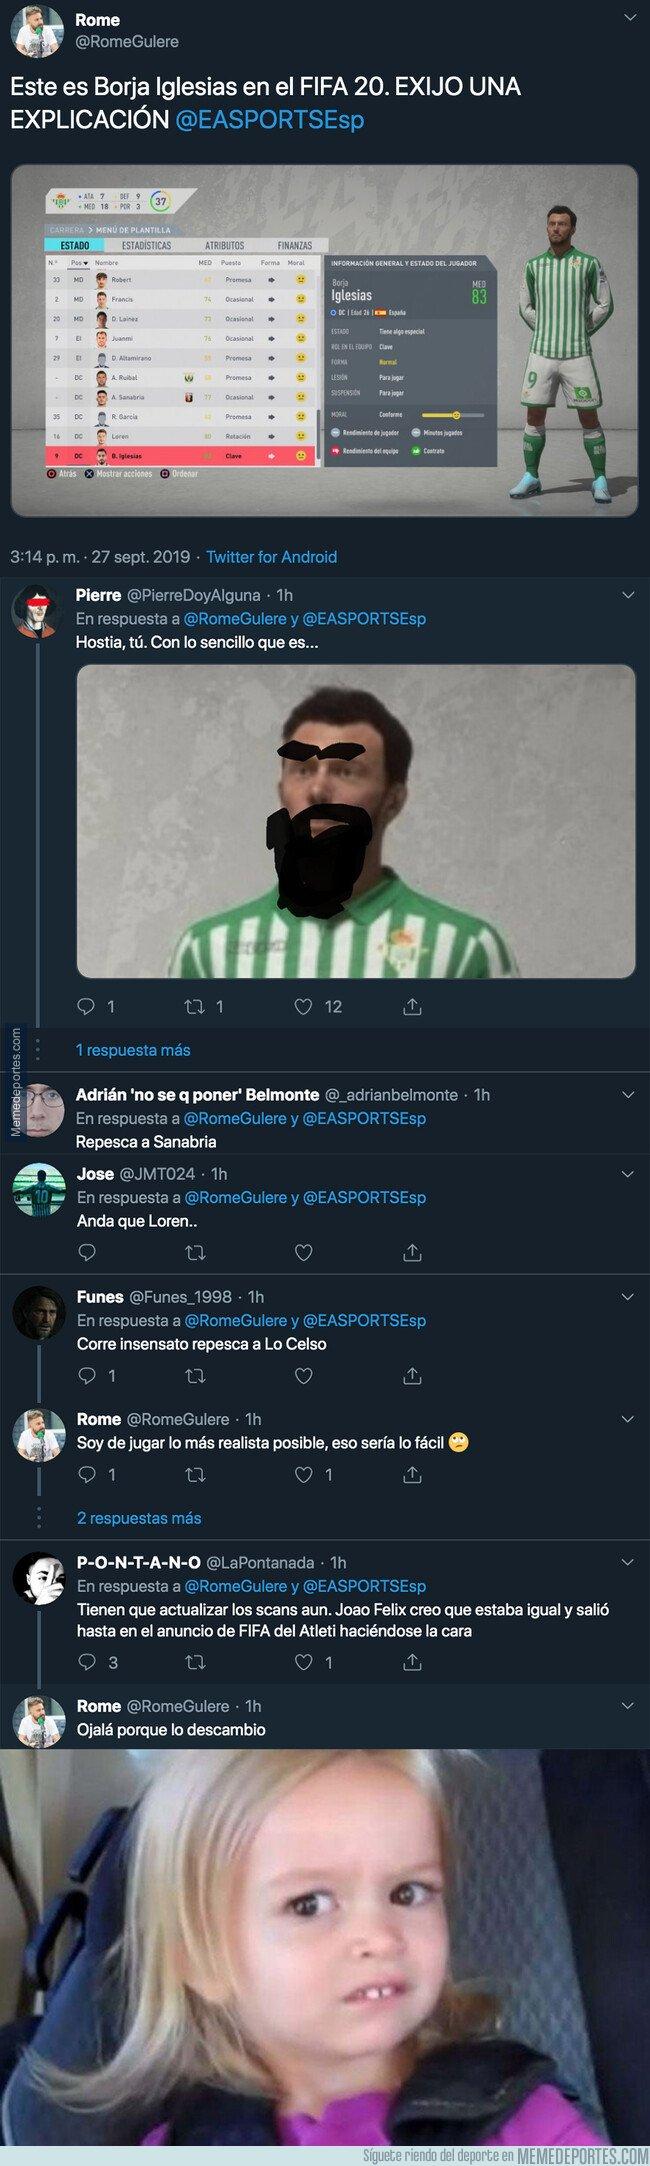 1086958 - Nadie entiende nada: Así es la cara de Borja Iglesias en el nuevo FIFA 20